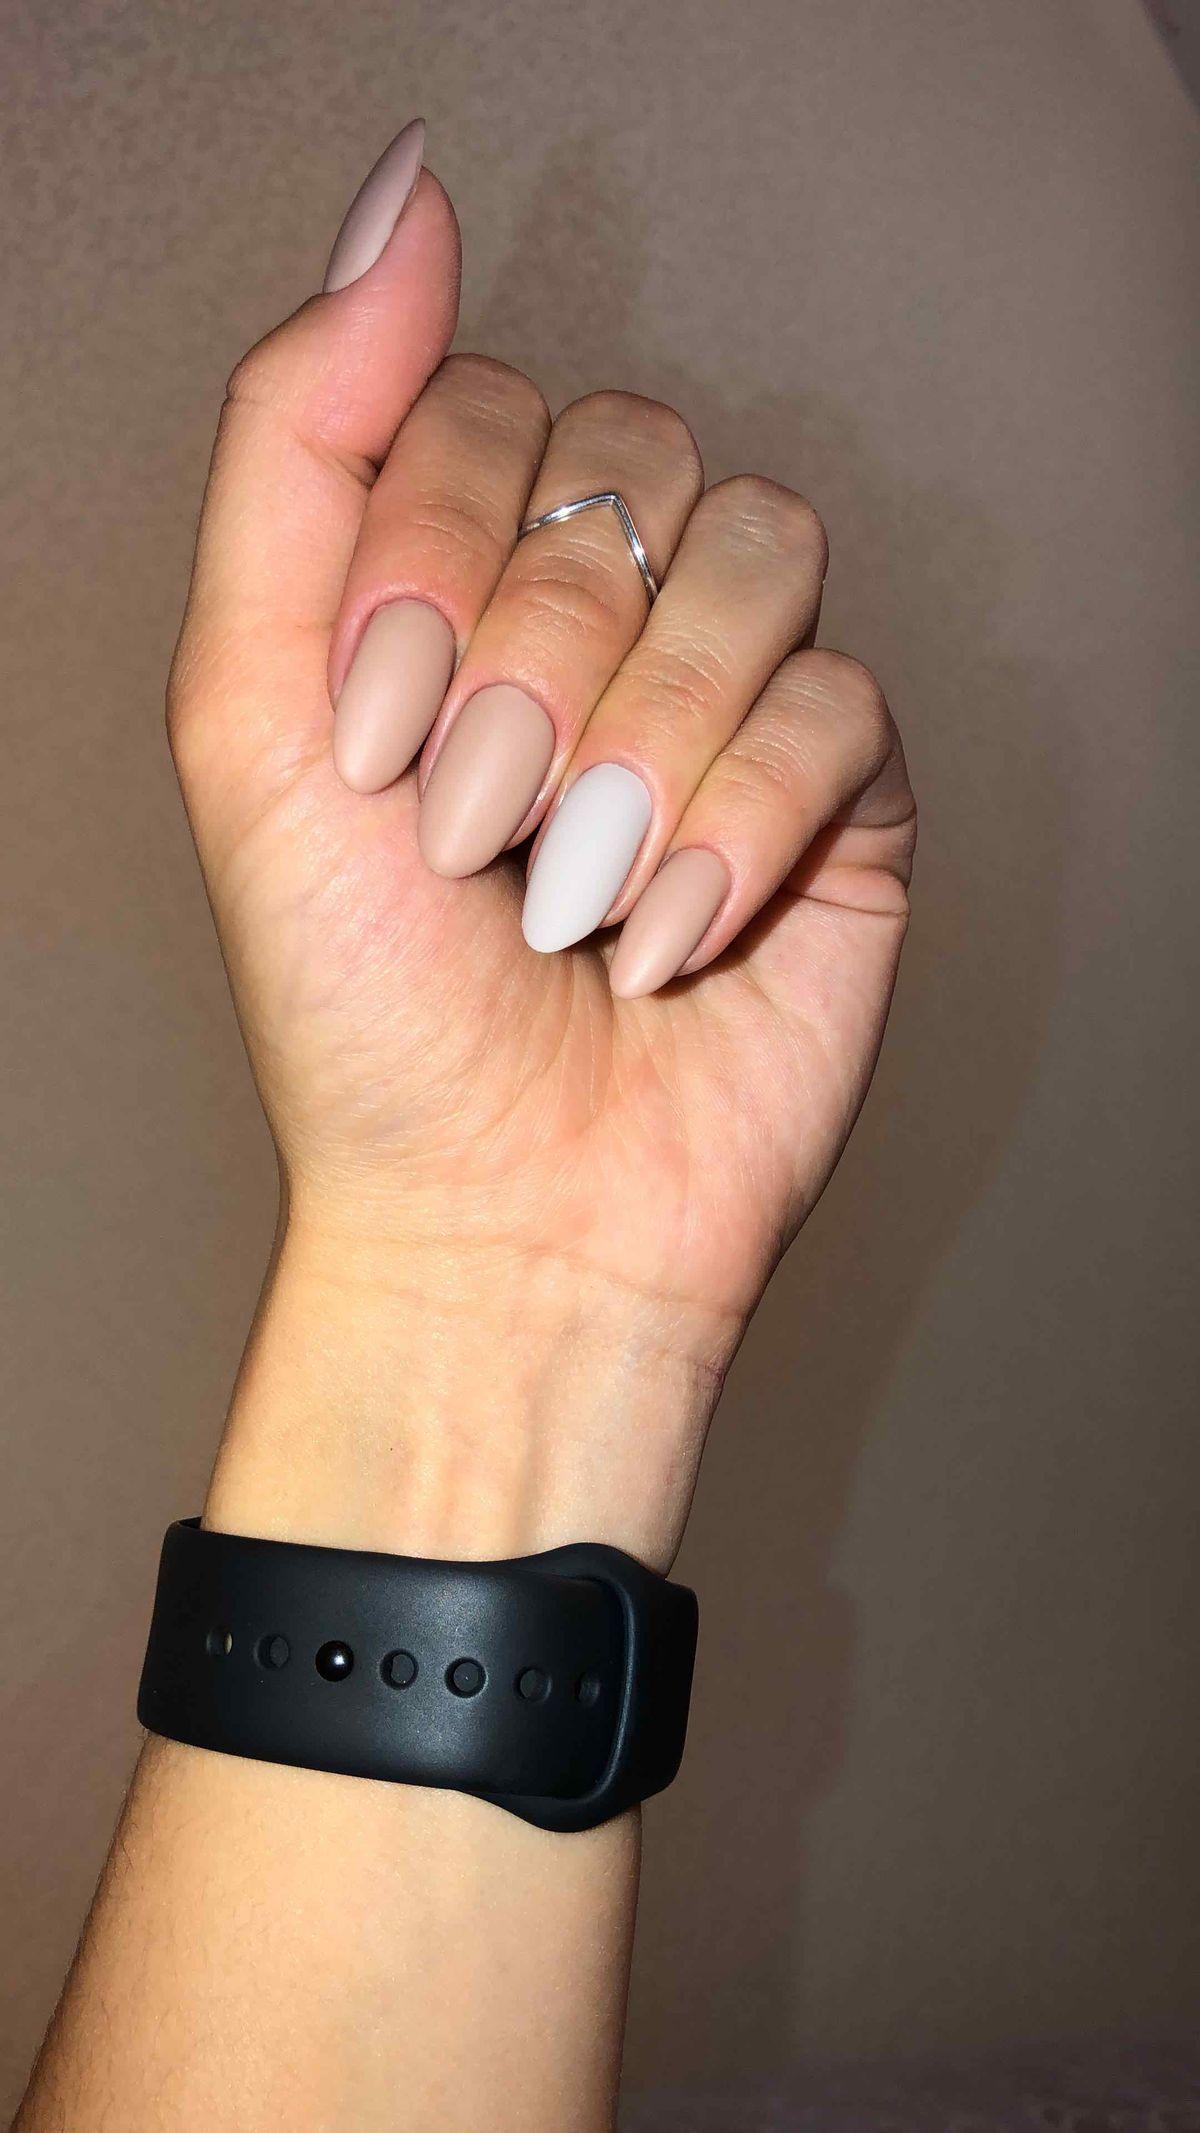 Кольцо очень стильное